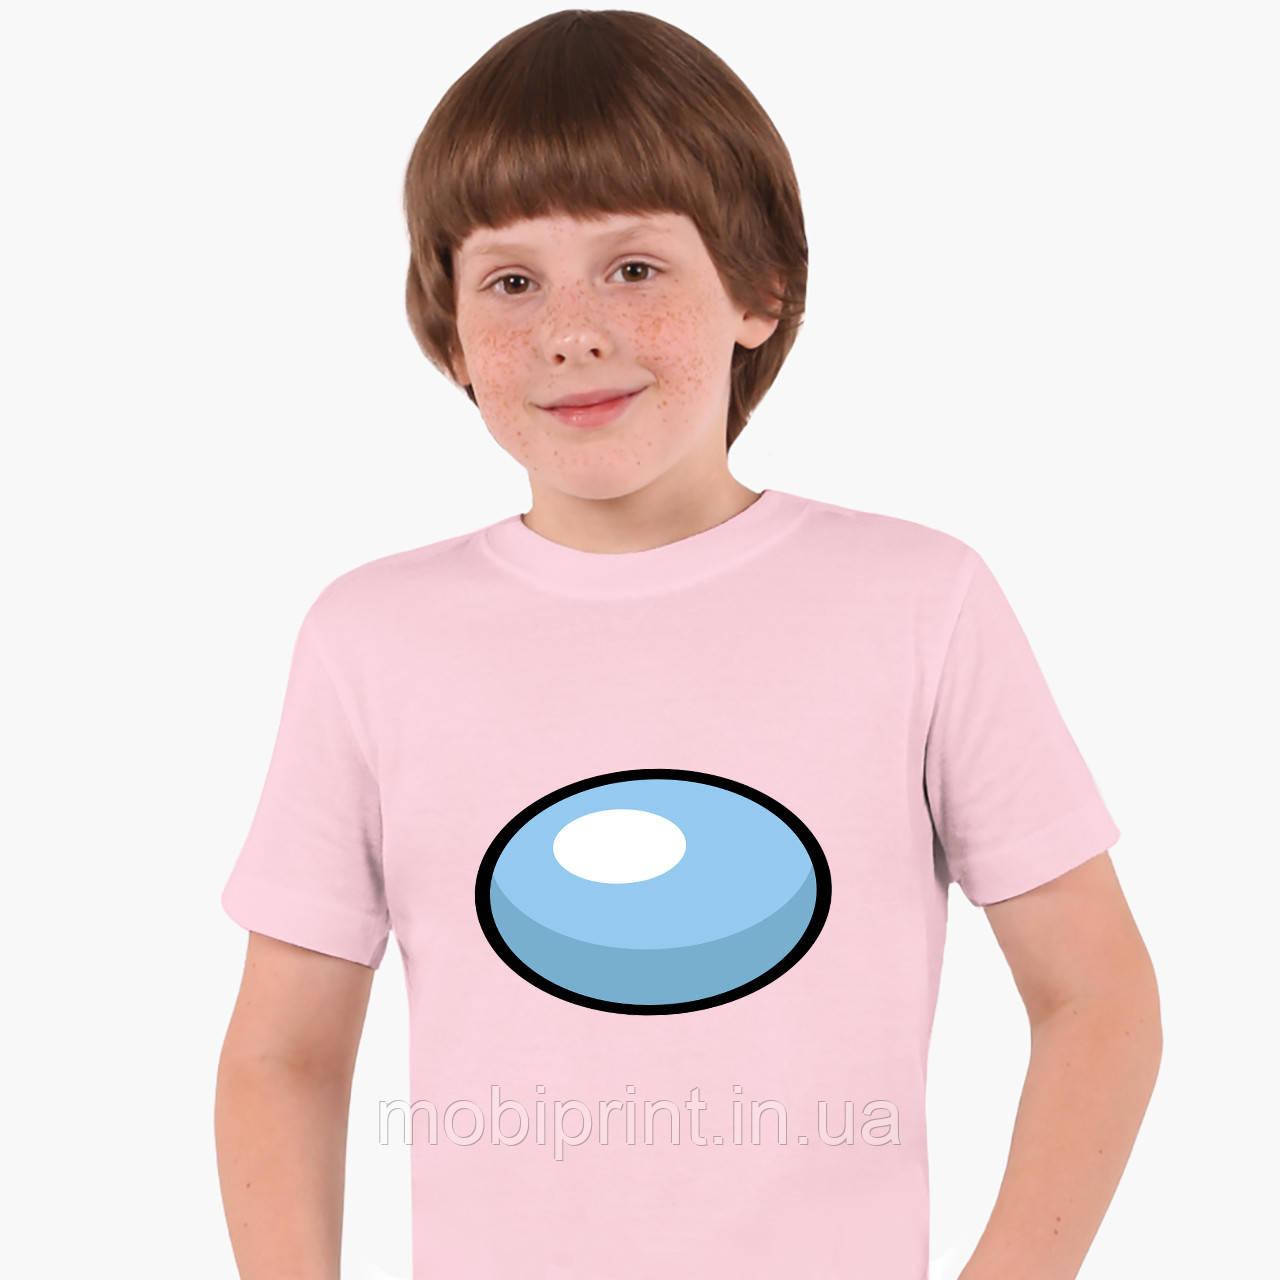 Детская футболка для мальчиков Амонг Ас (Among Us) (25186-2606) Розовый